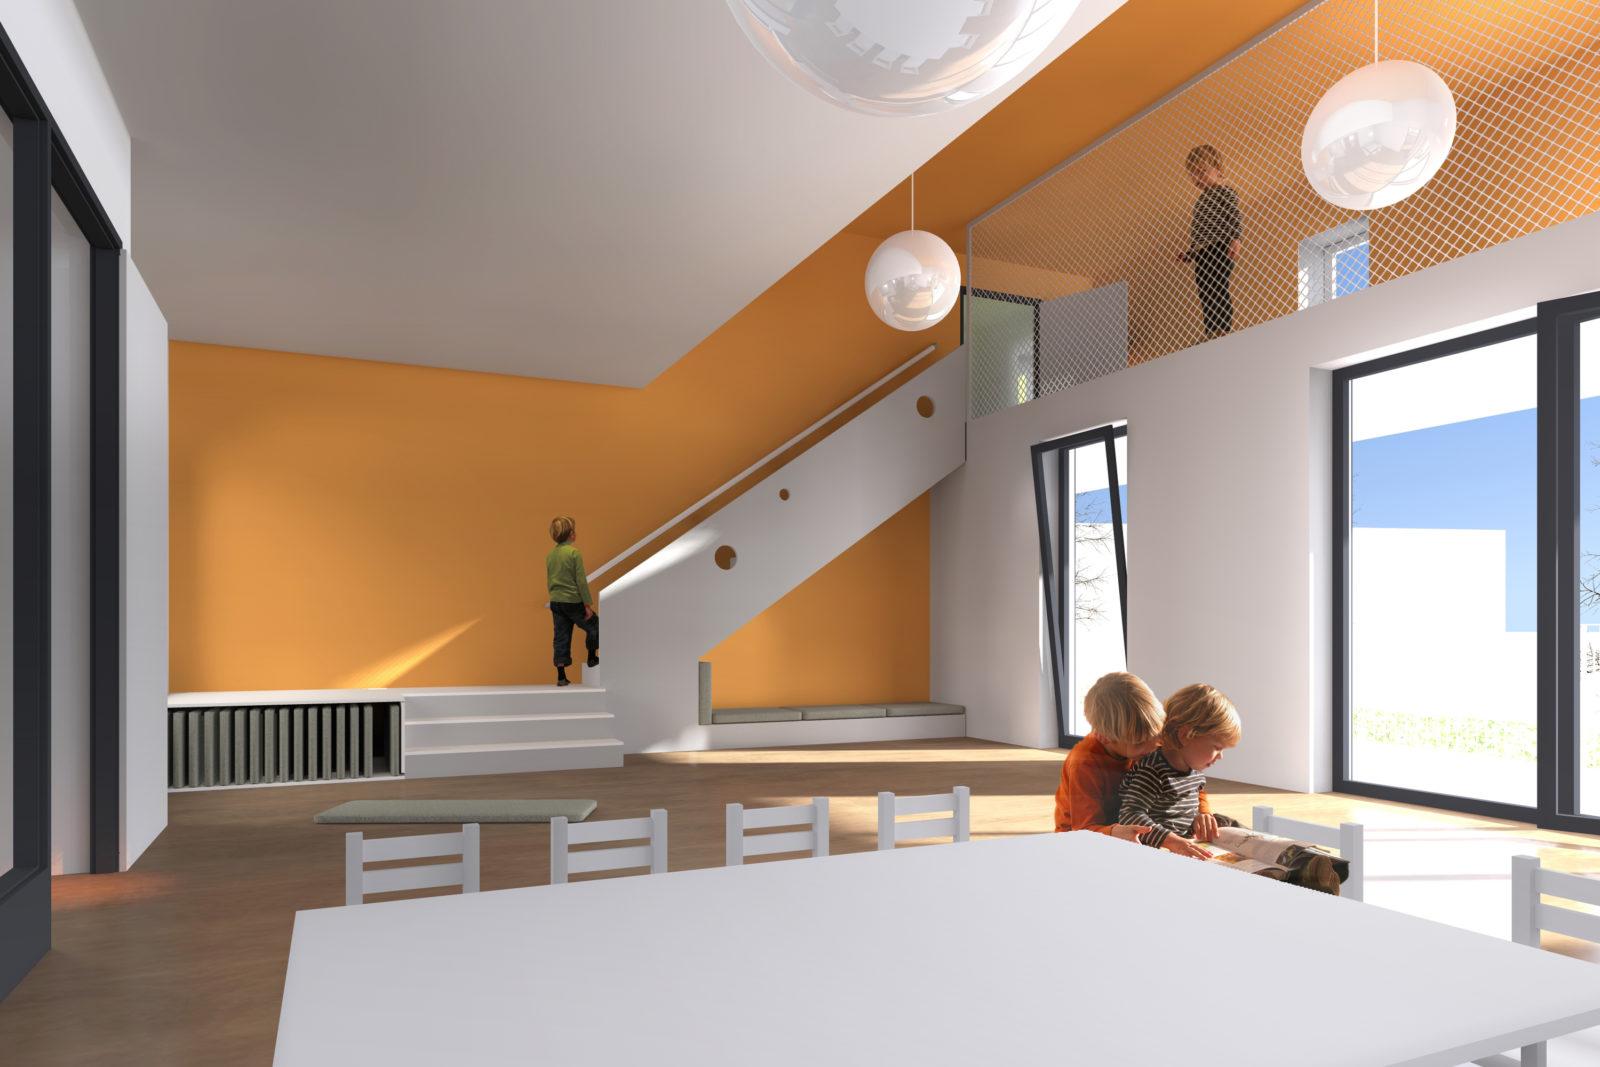 Neubau Kita und Förderschule an der alten Messe, Leipzig - Gruppenraum Kita mit Spielempore